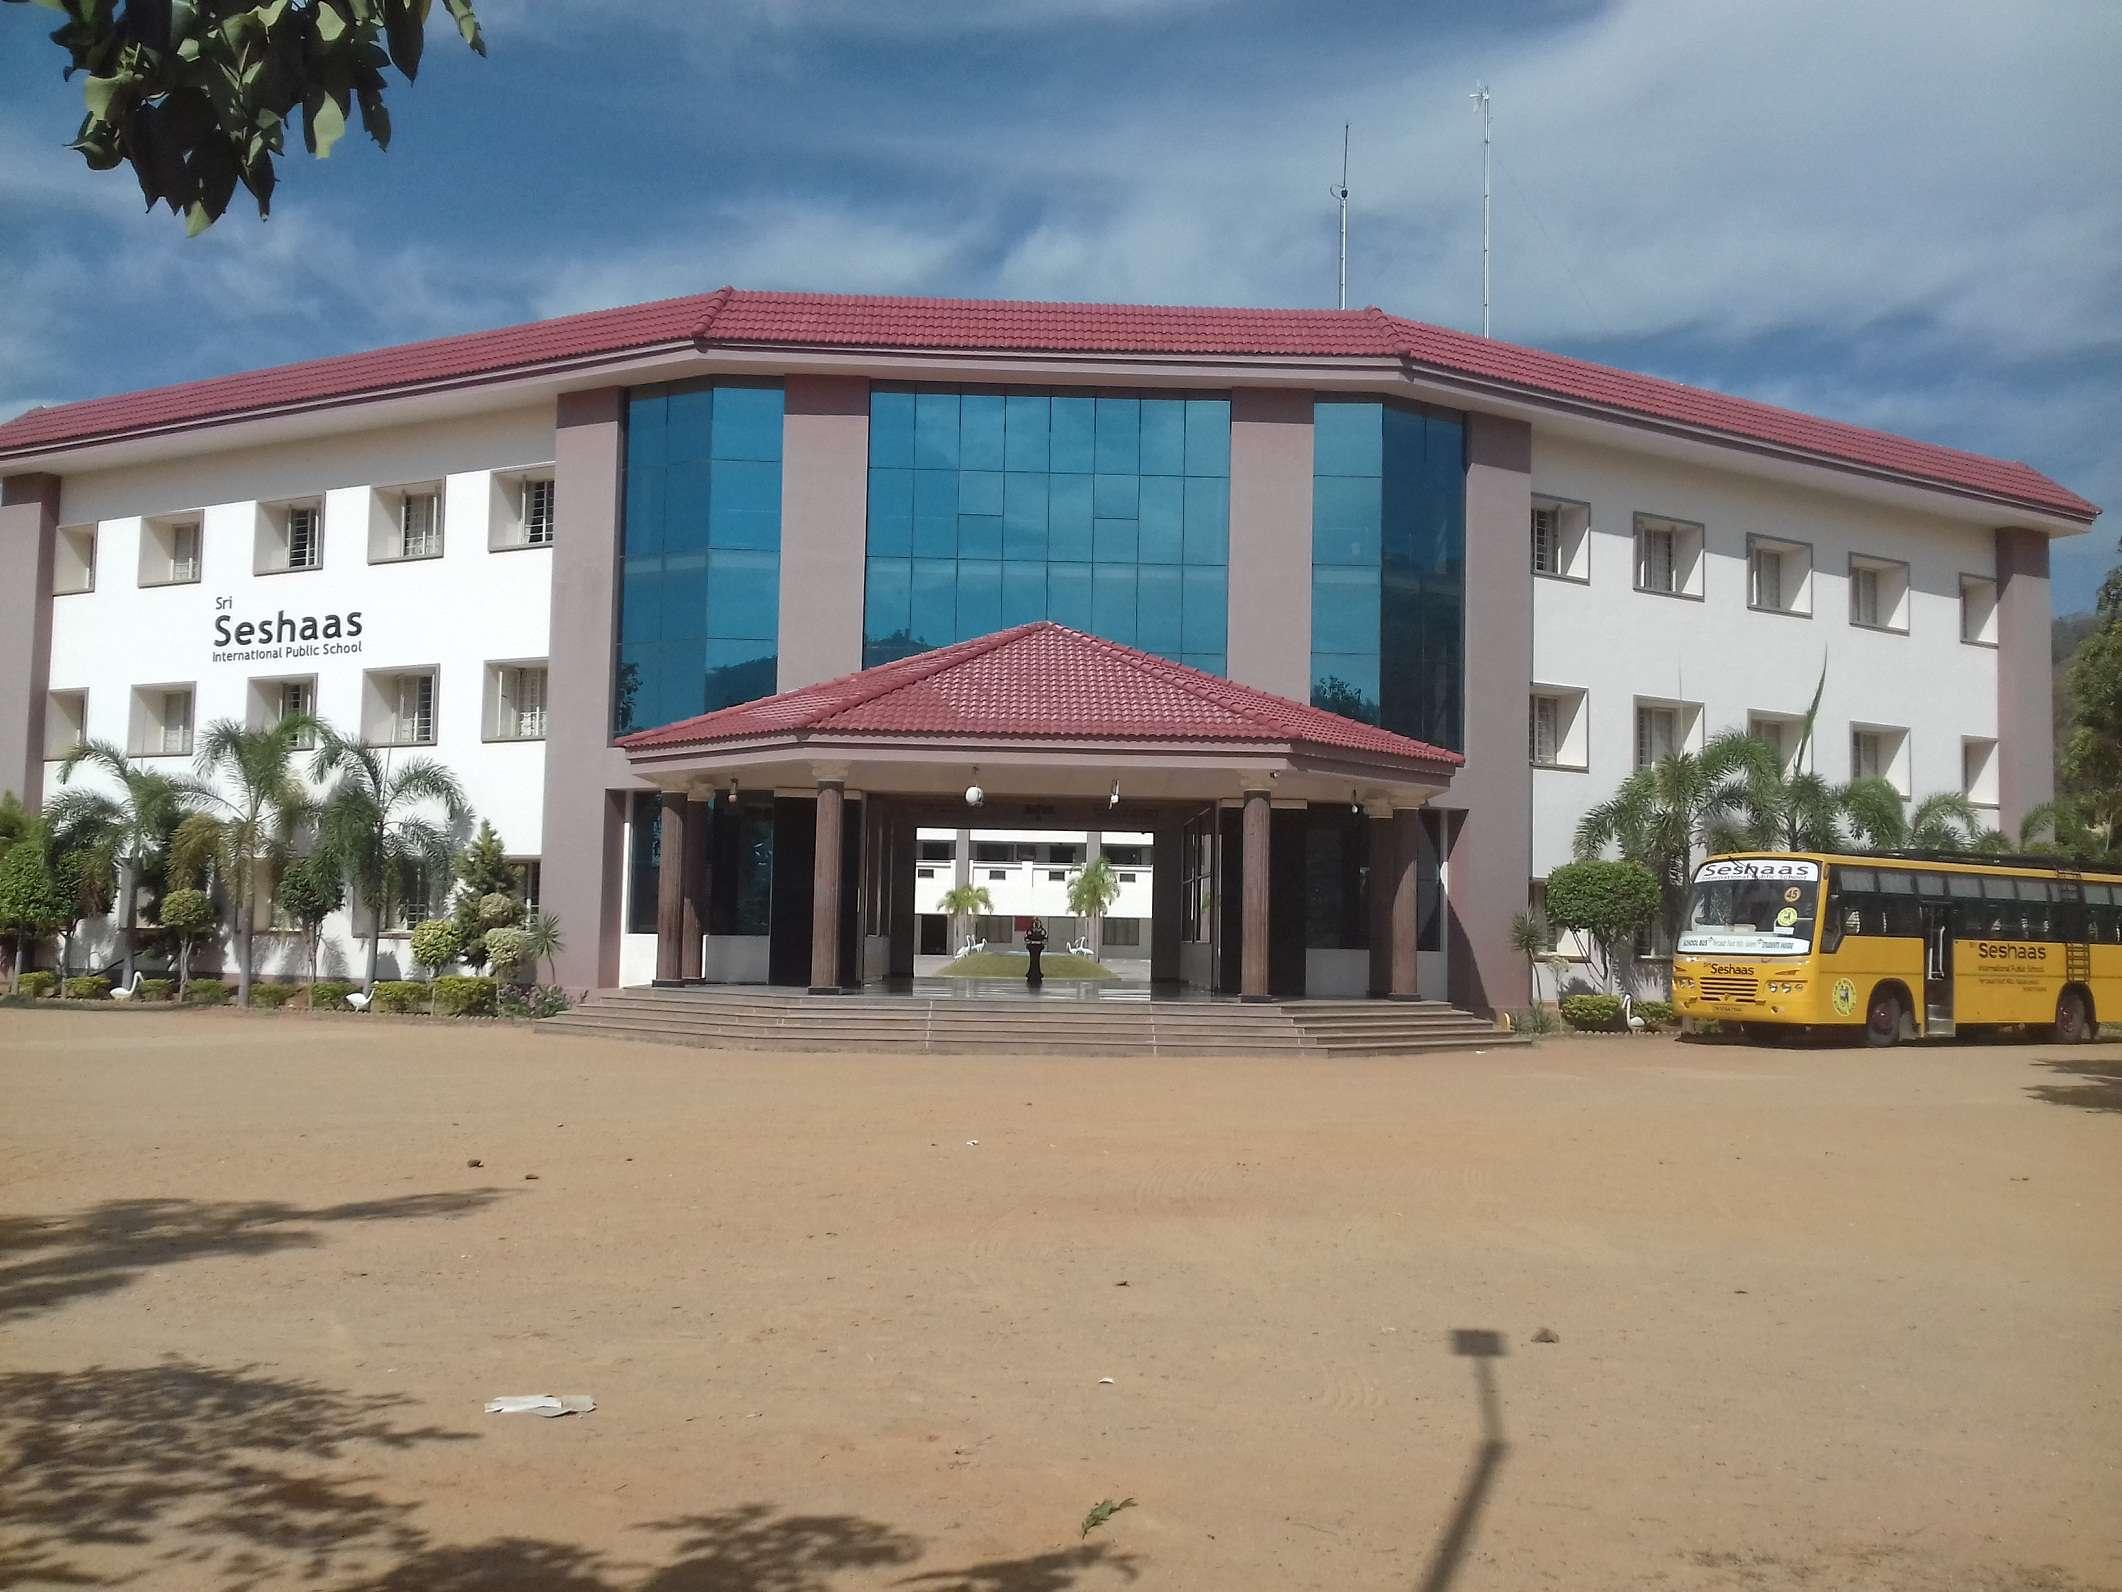 Sri Seshaas International Public School Yercaud Foot Hills Kondappanaickenpatti Salem 636 008 TN 1930300